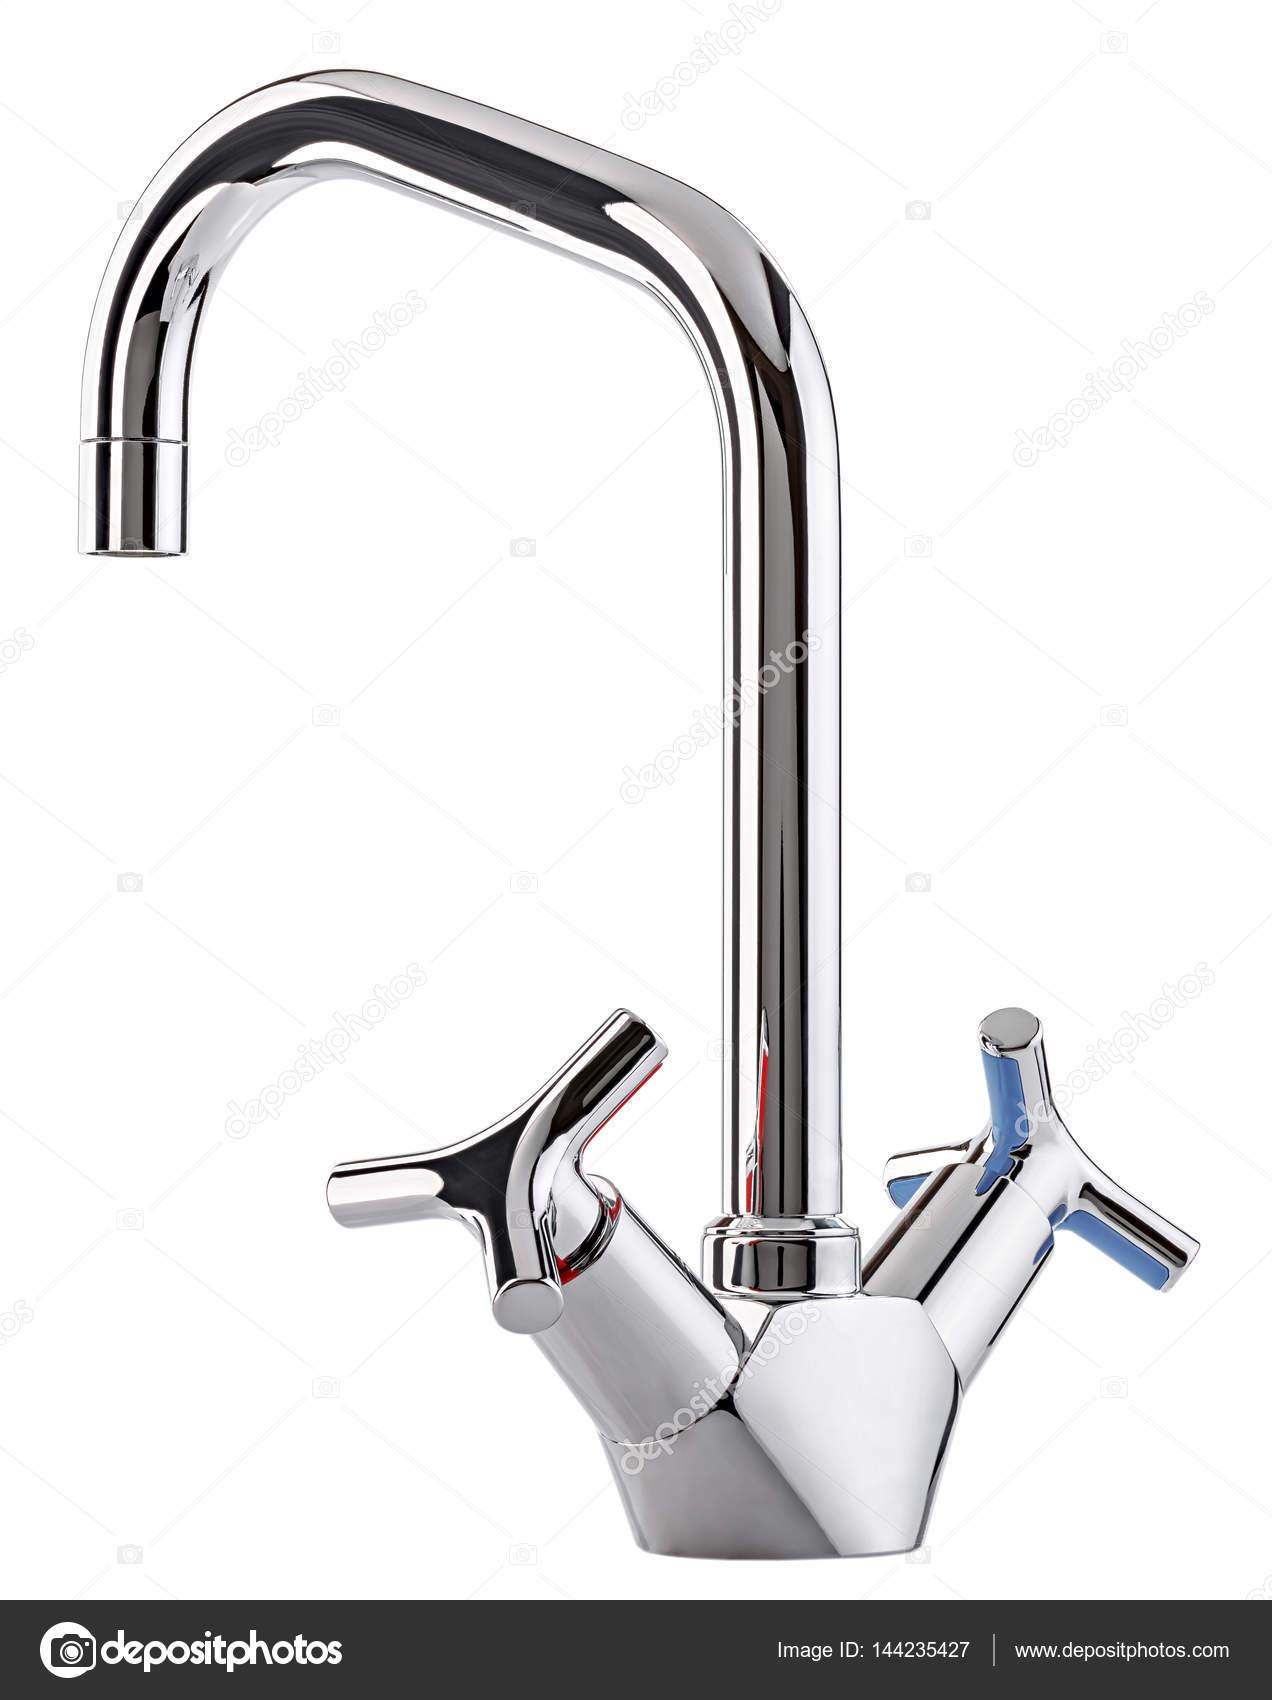 bath and kitchen chandelier ideas 混频器冷热水 现代水龙头的浴室 厨房的水龙头 我 图库照片